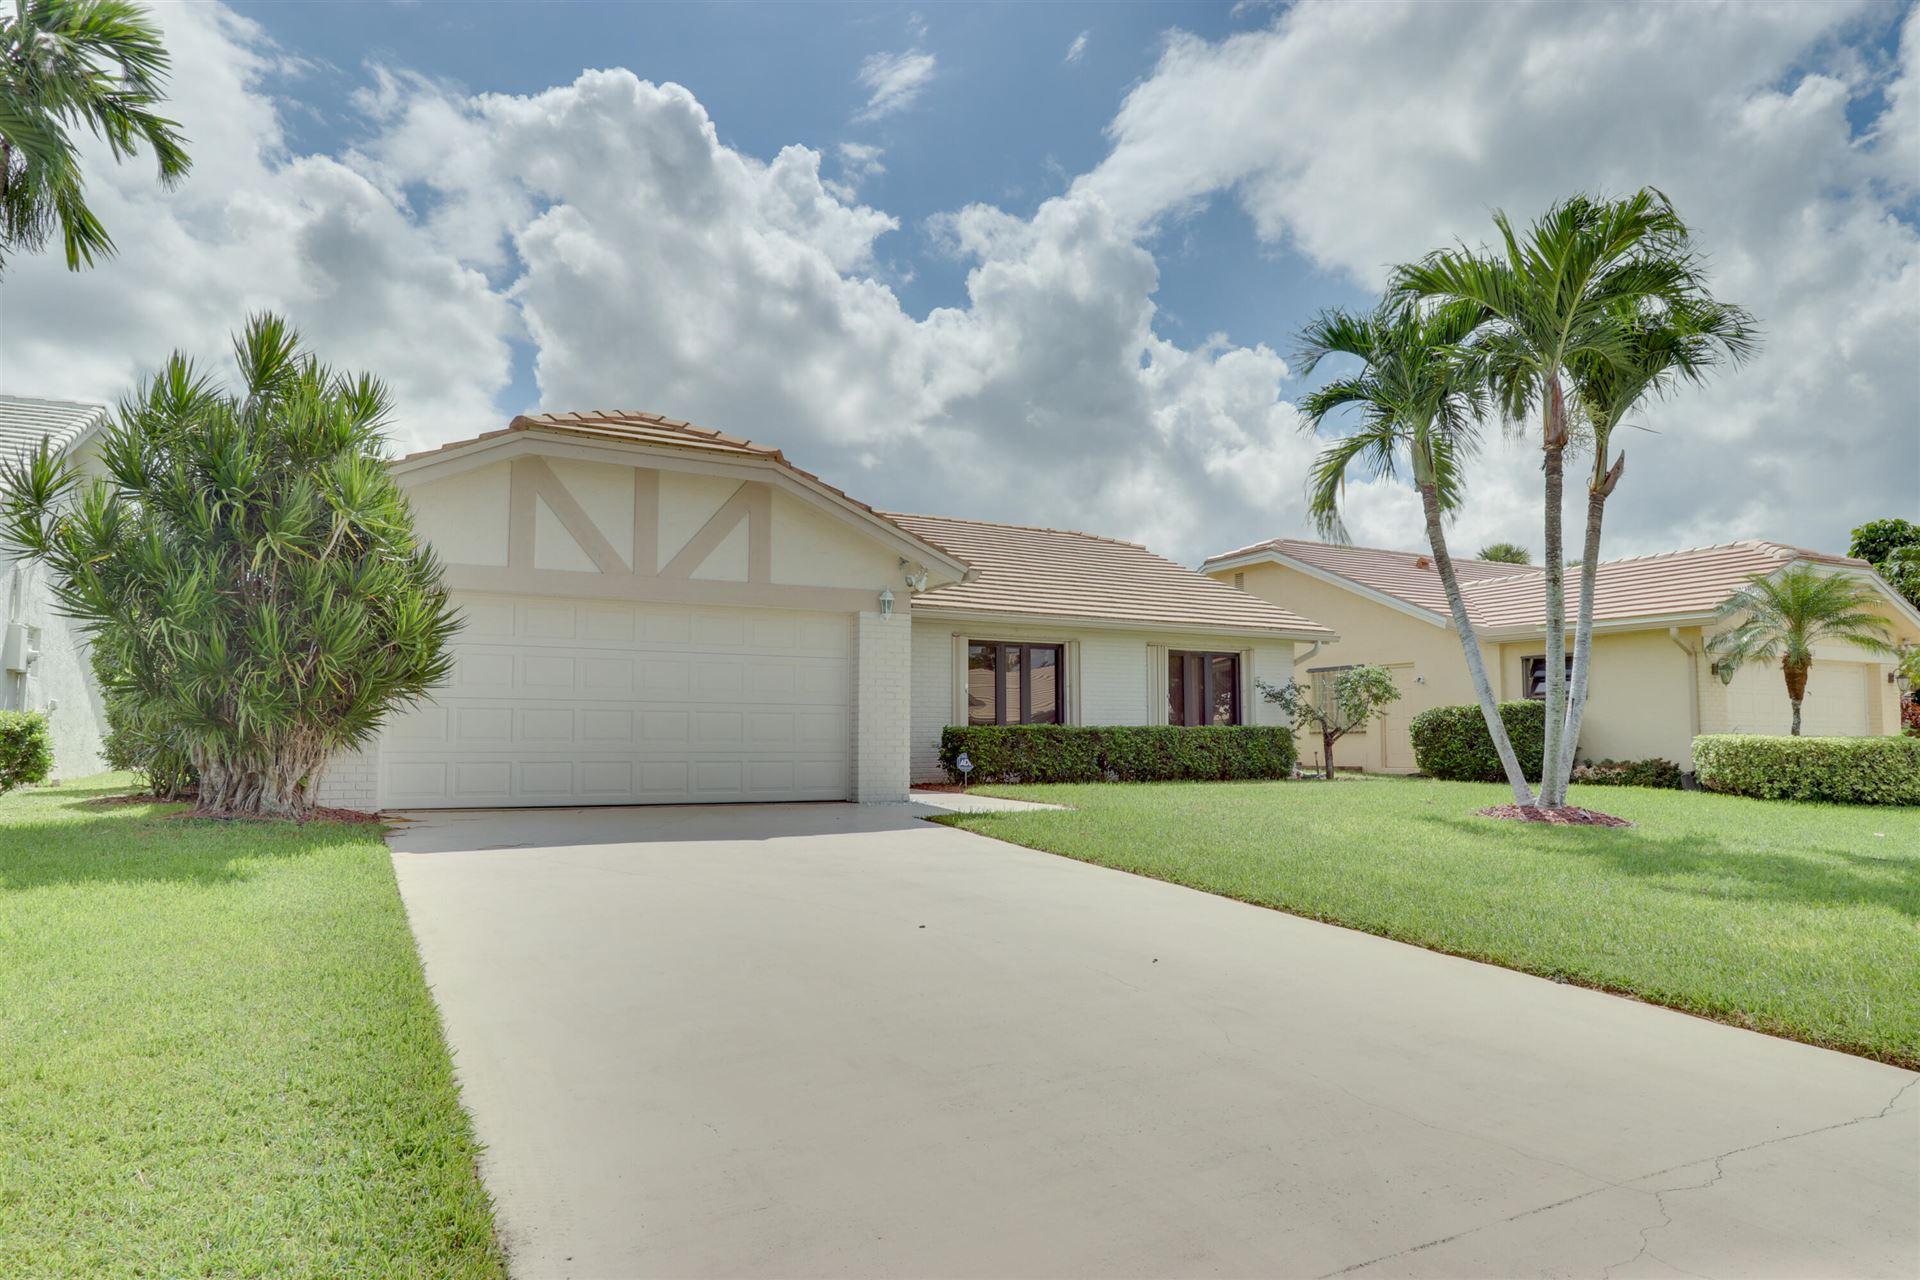 6198 Petaluma Drive, Boca Raton, FL 33433 - #: RX-10750971